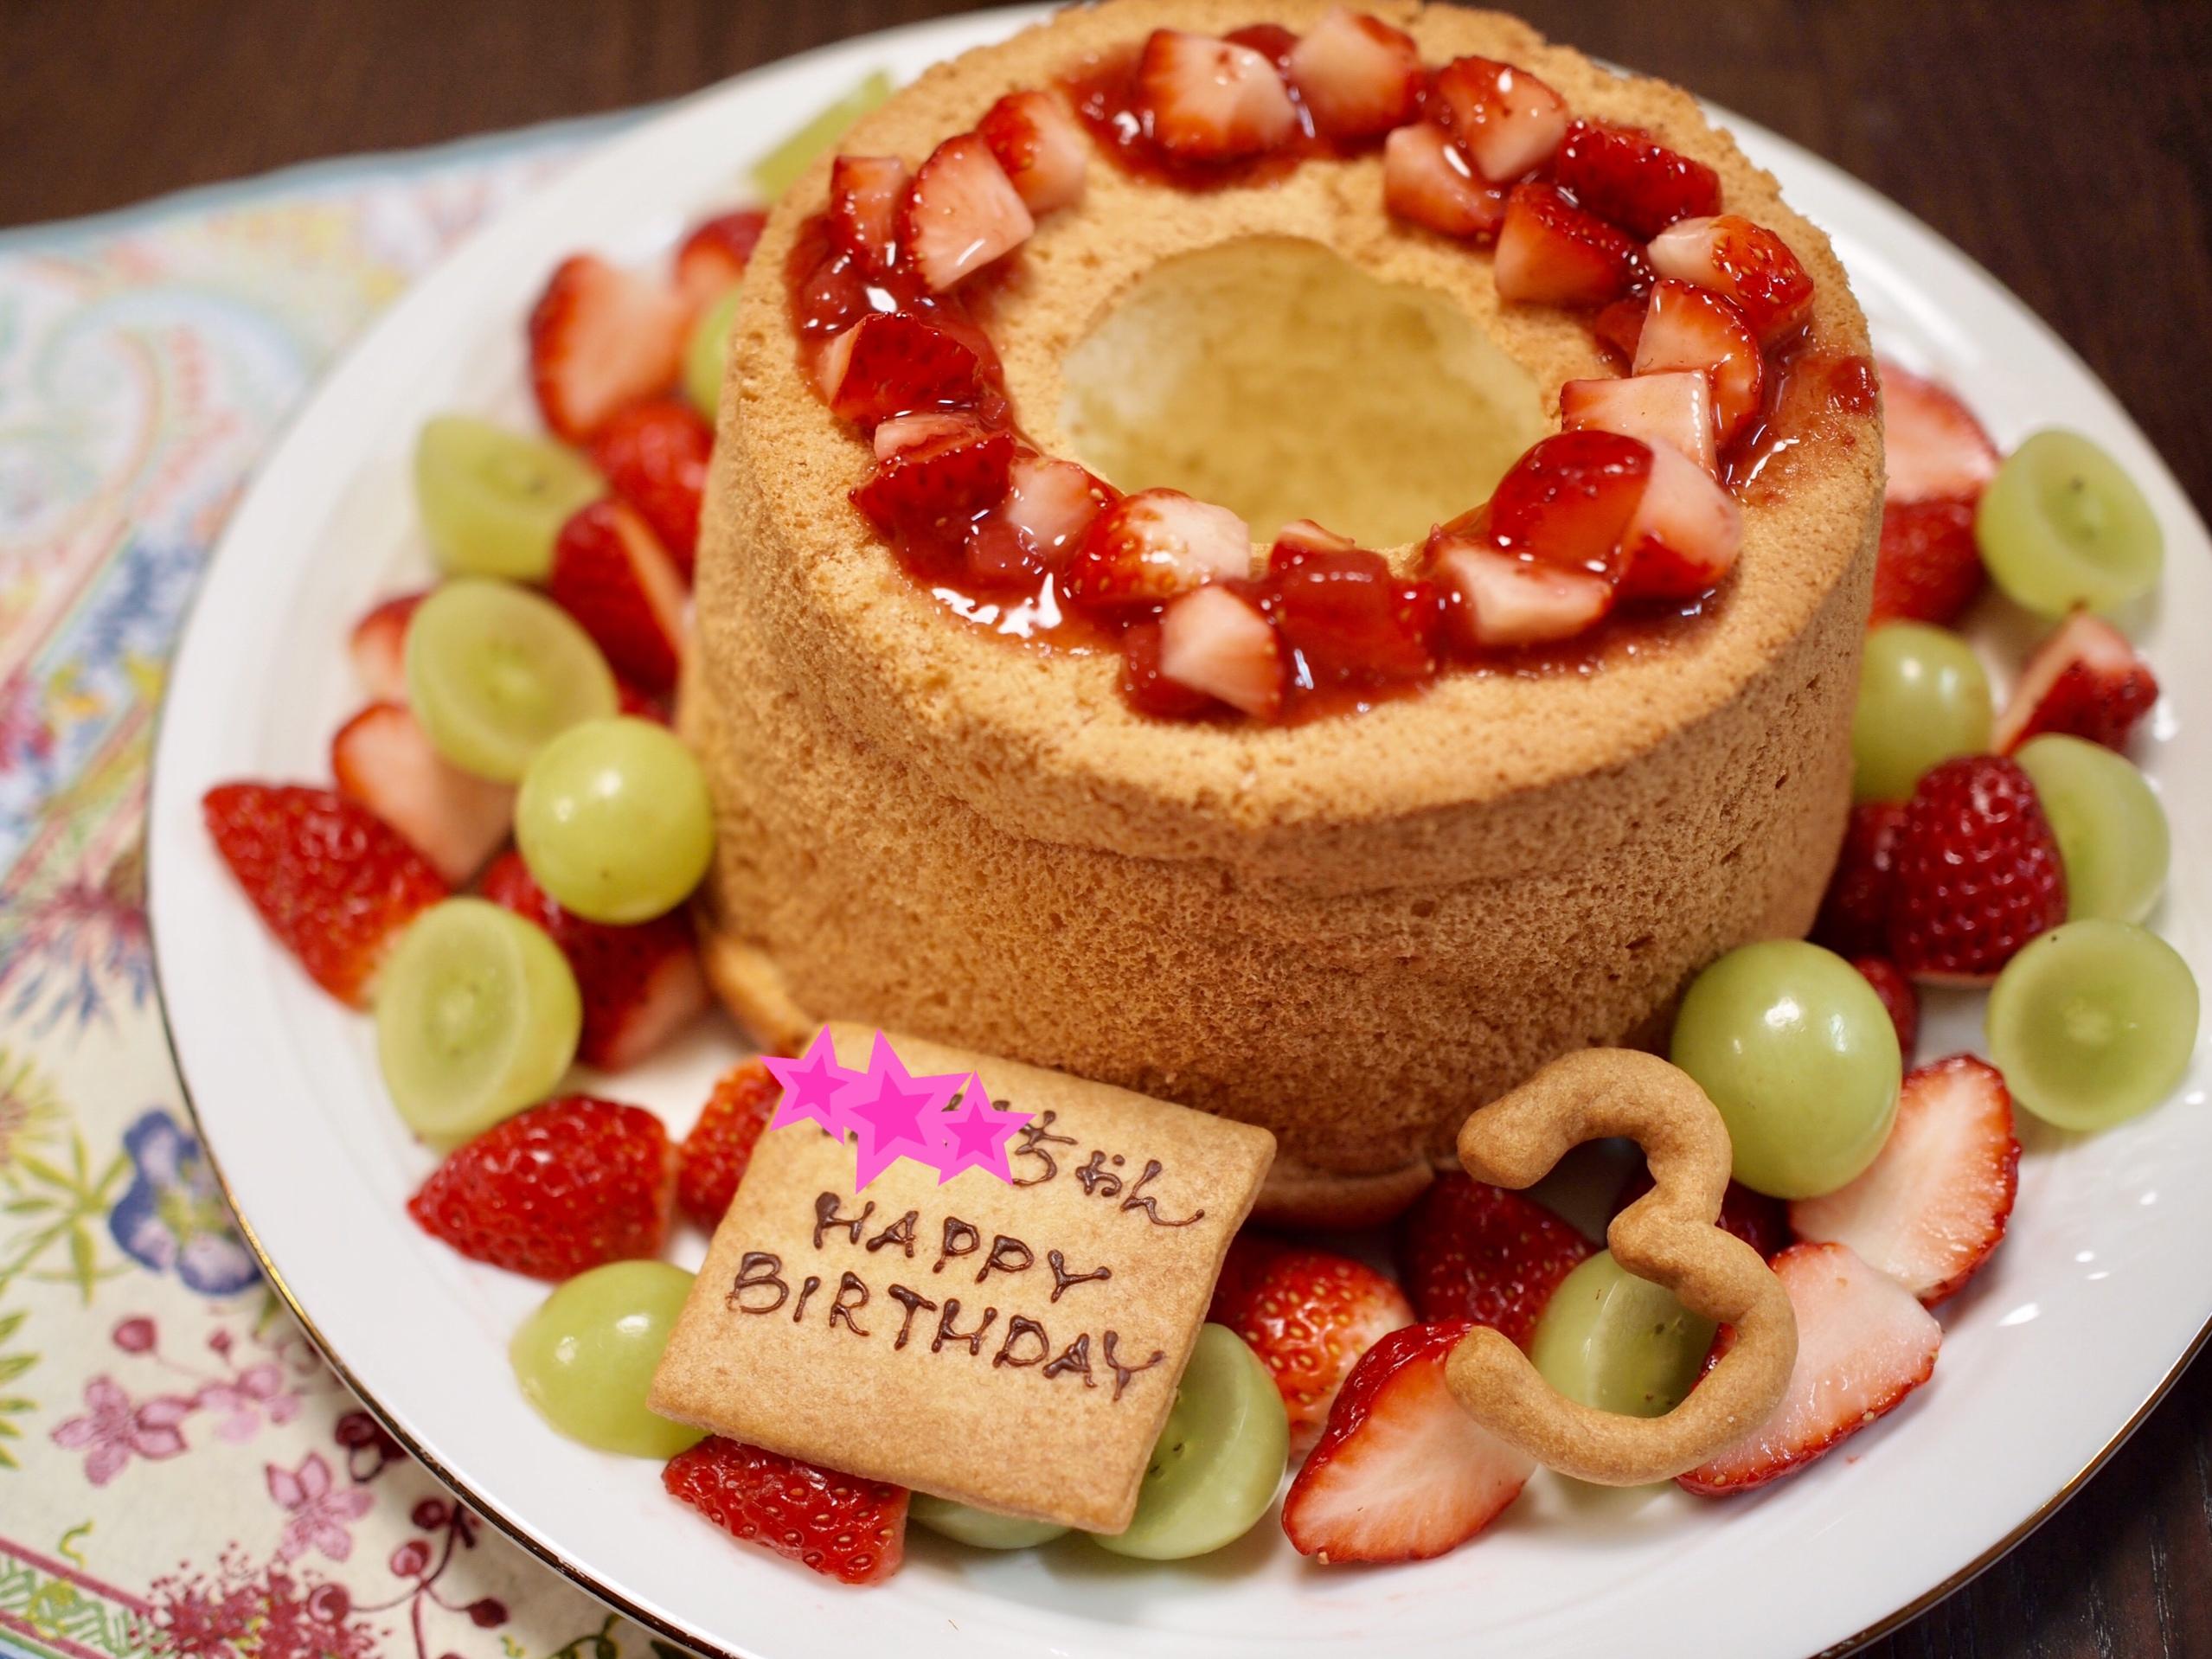 乳製品アレルギーの子のバースデーケーキ